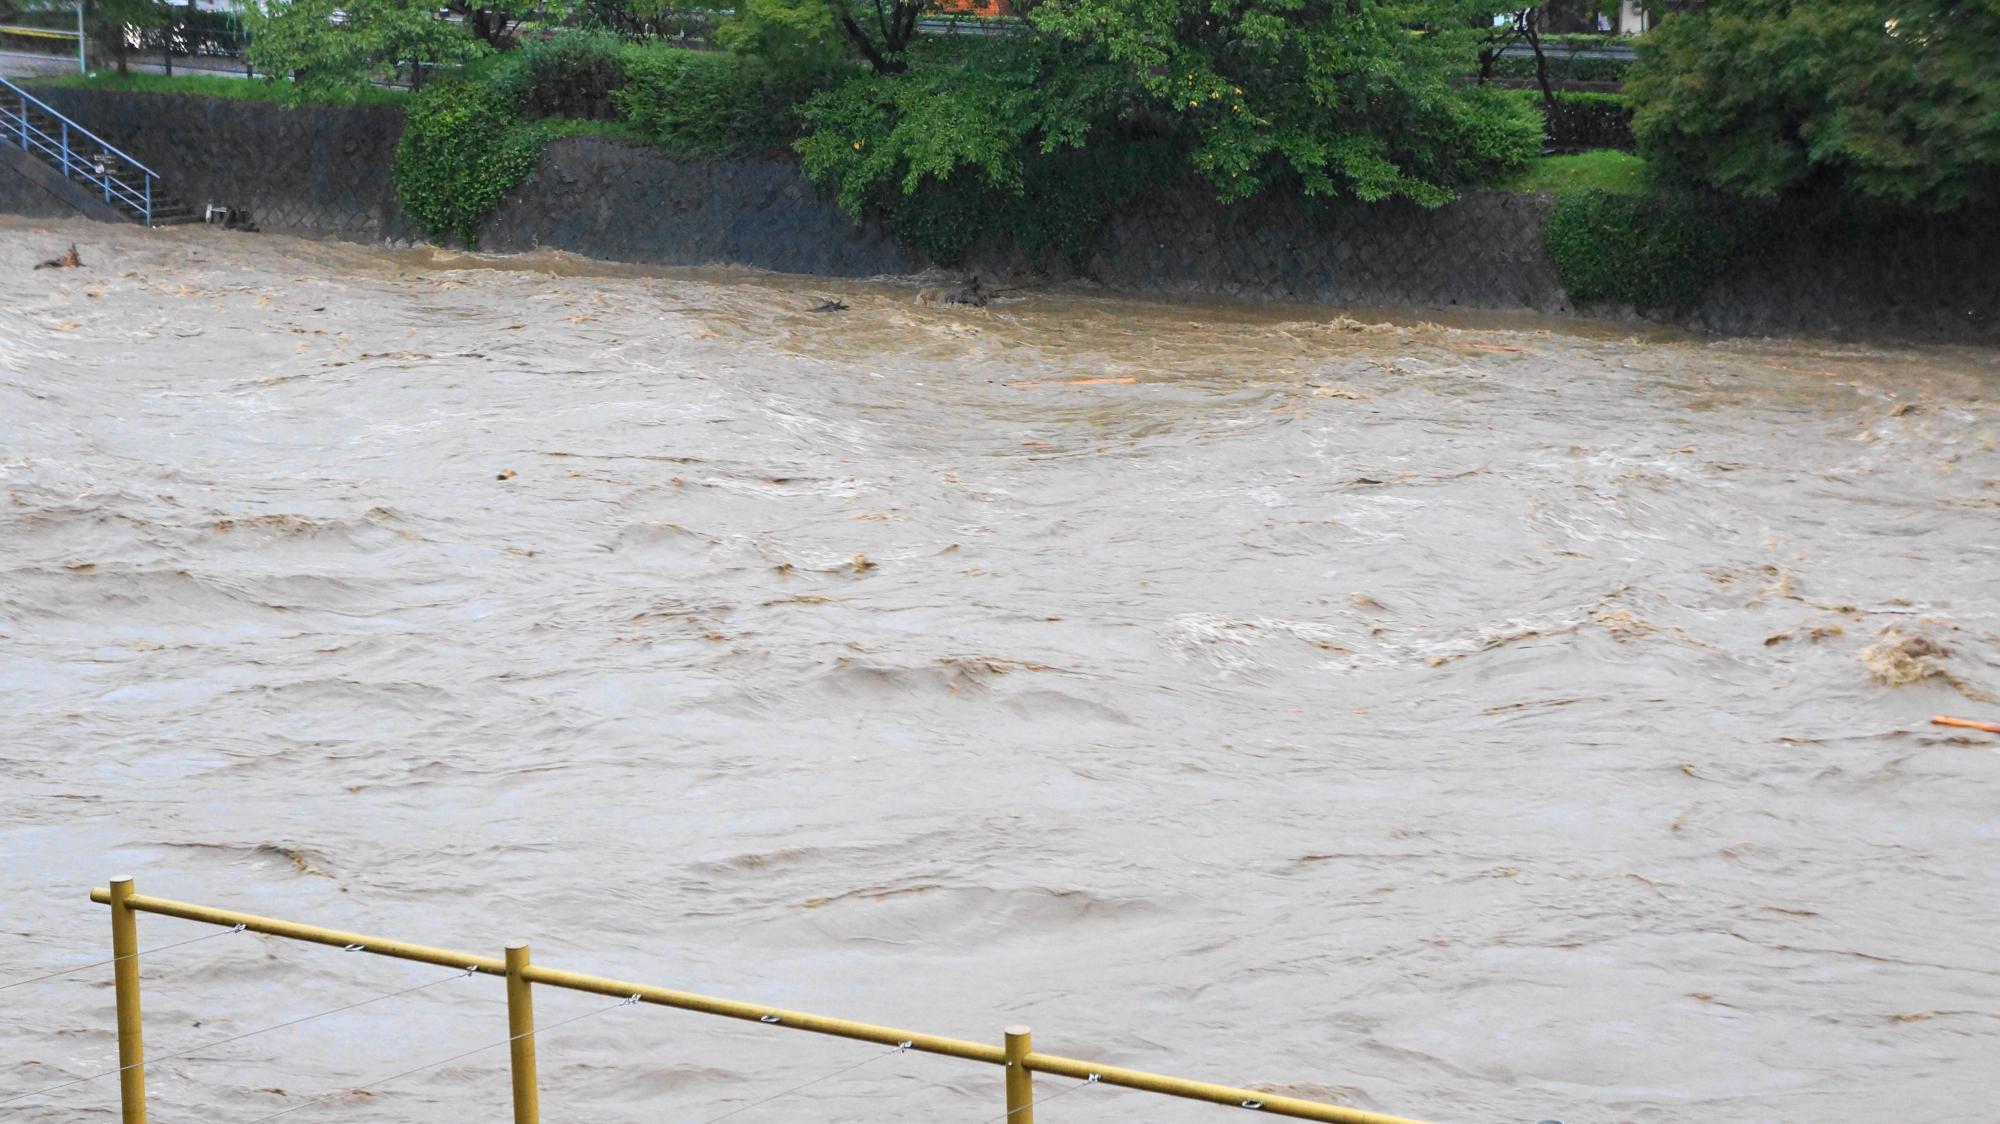 流れも激しく危険な音も凄い鴨川